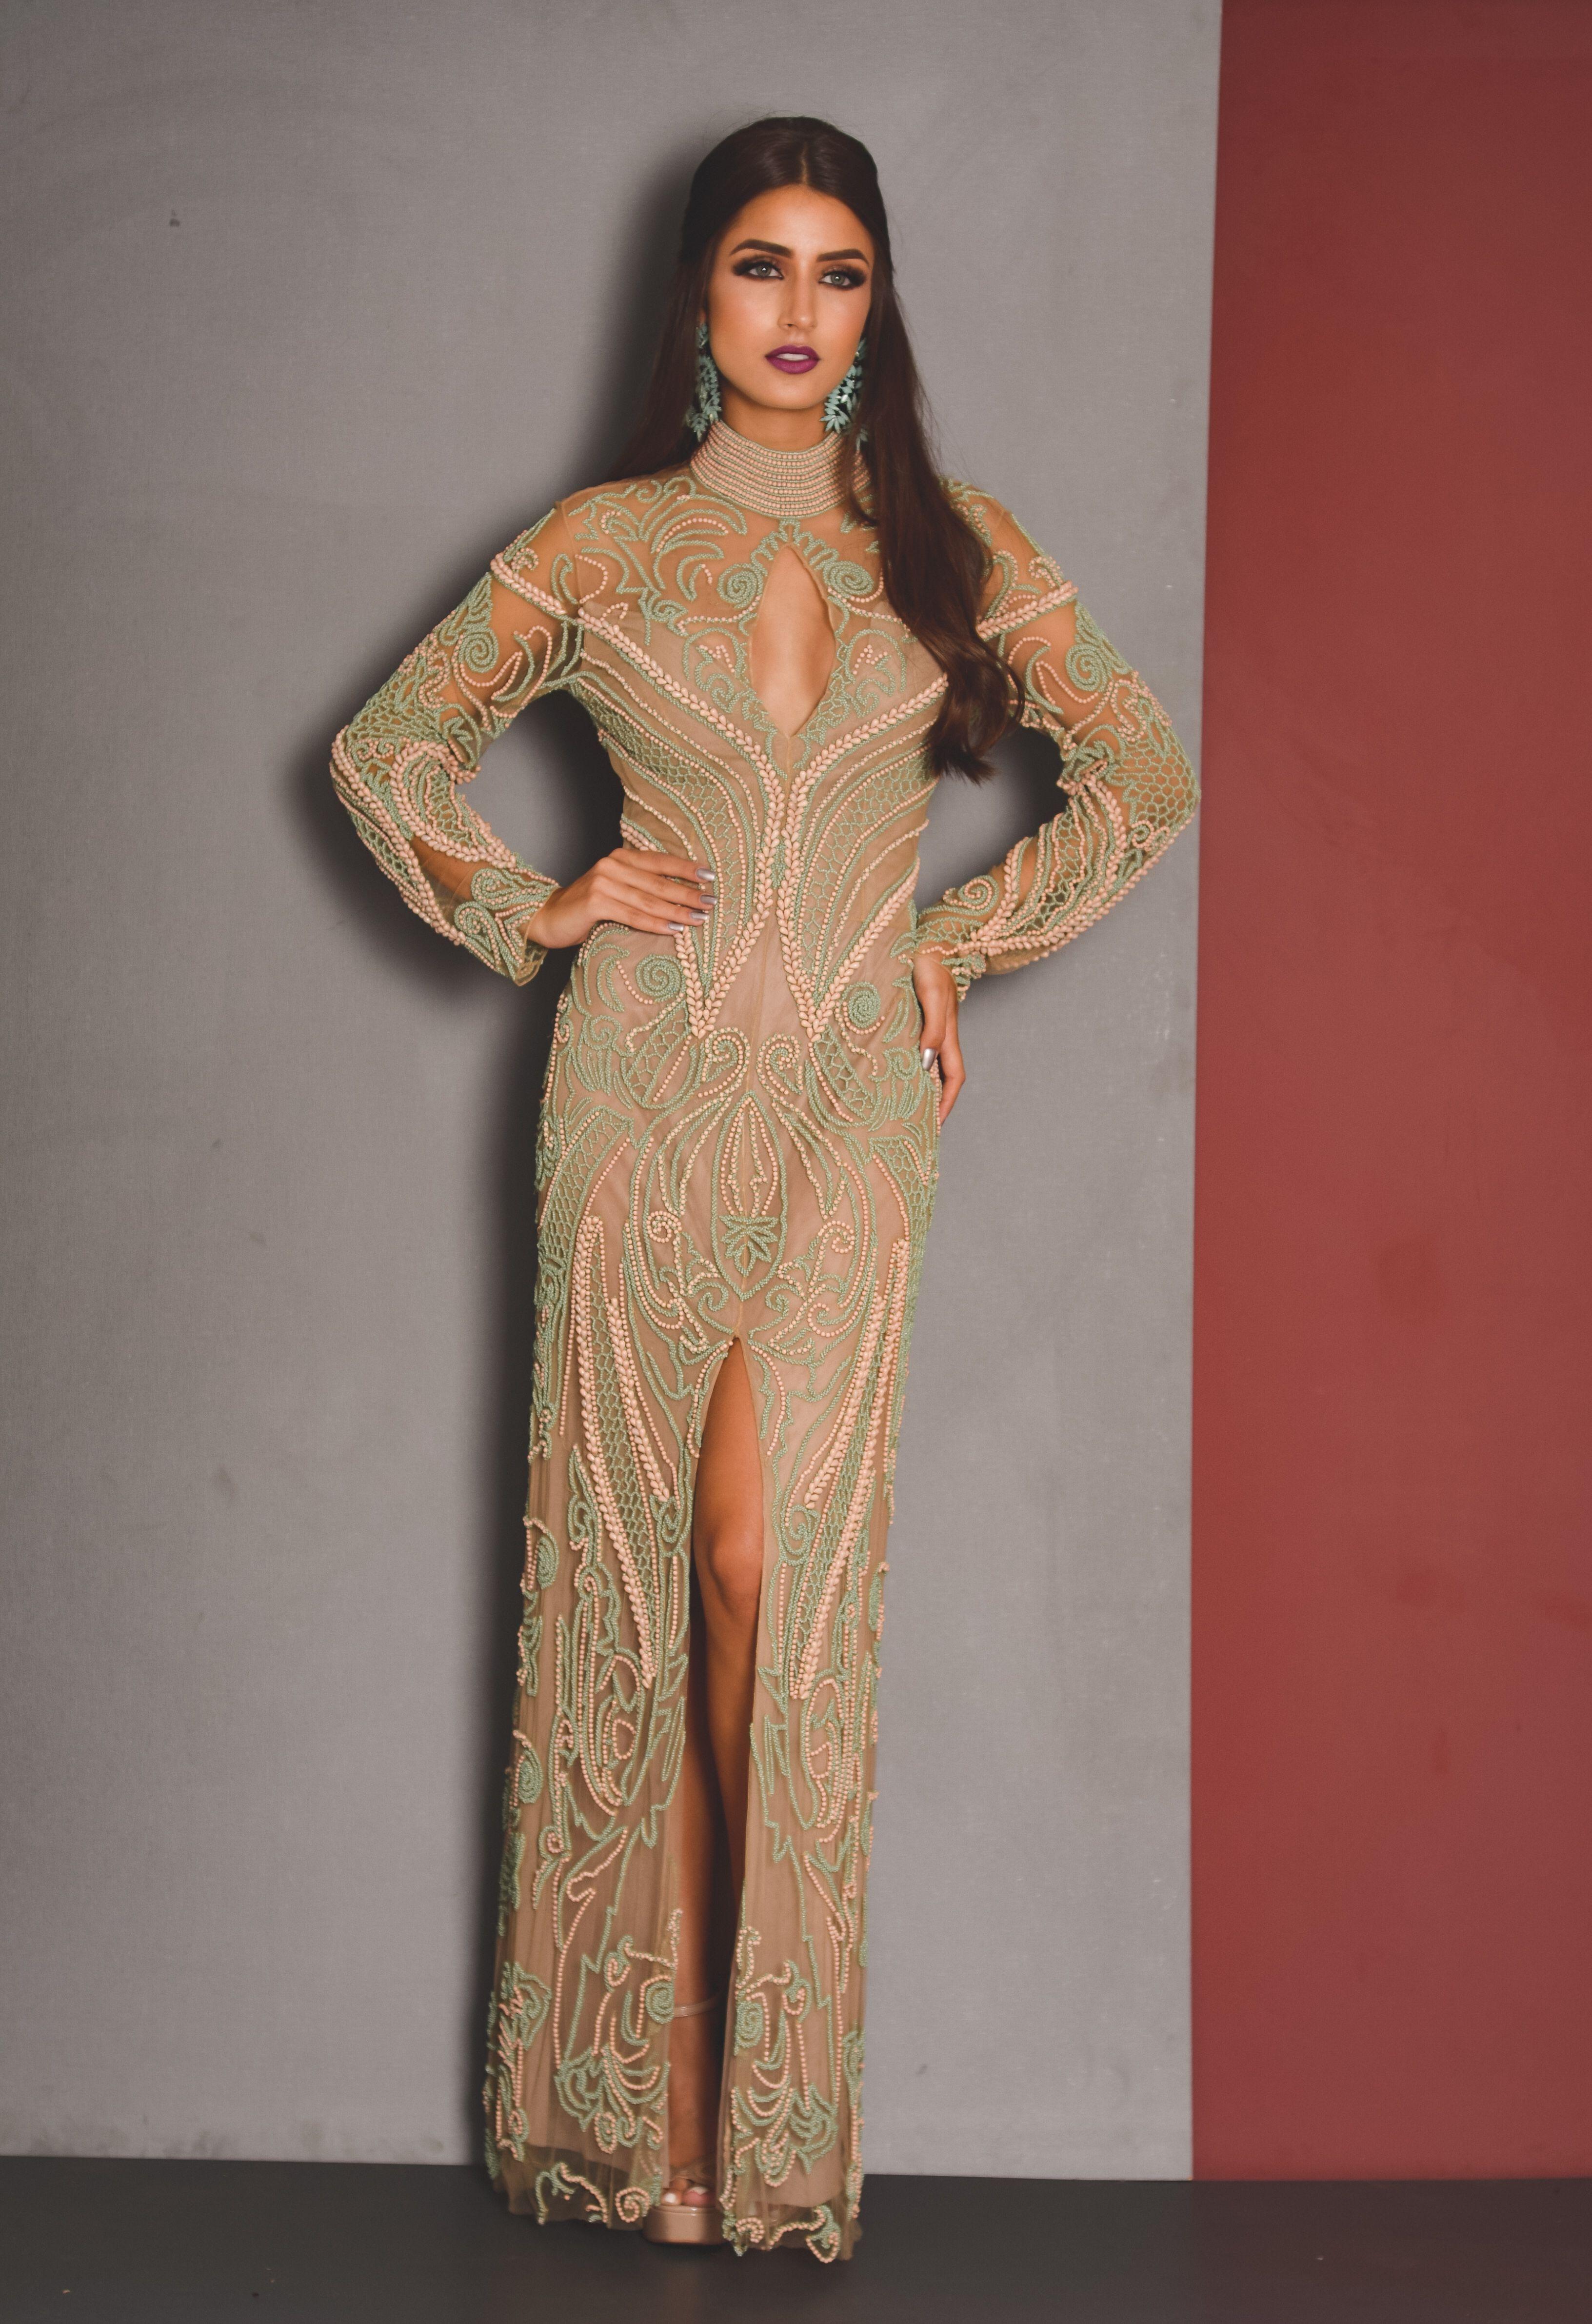 Vestido Longo Patricia Bonaldi Da Linha De Aluguel Premium Da Fits